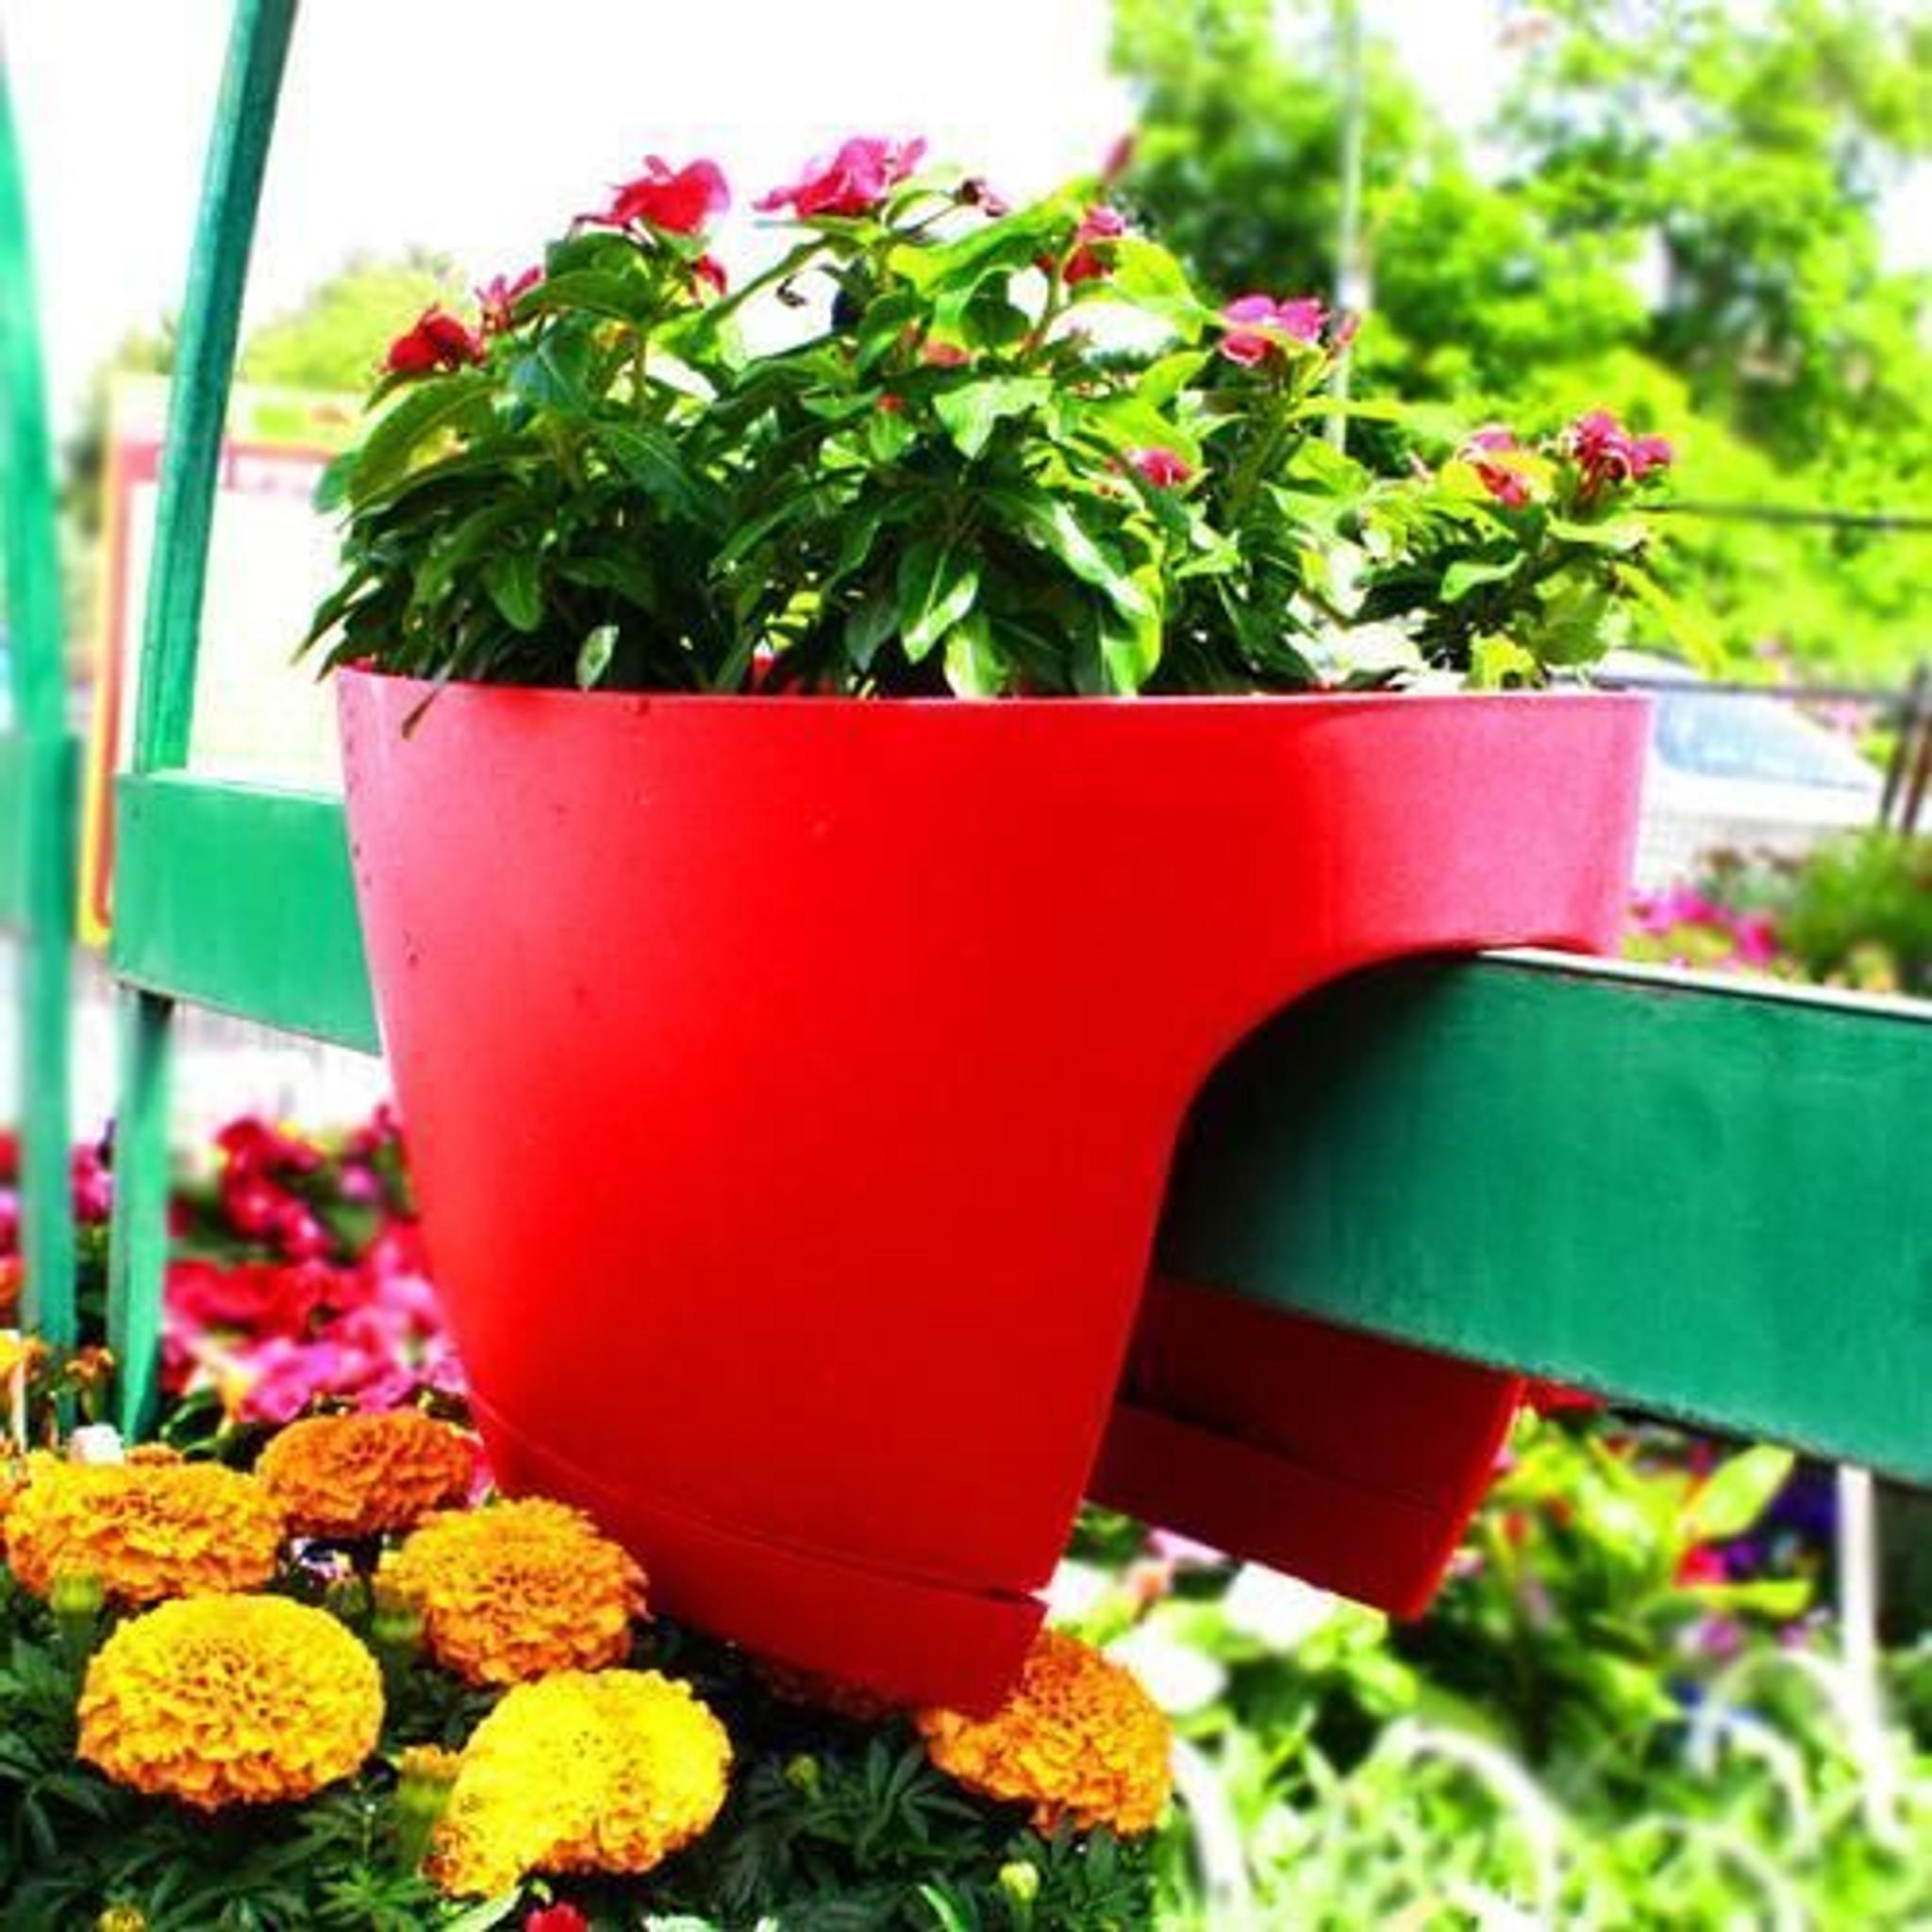 XL Greenbo Railing Planter Best4Garden Online Garden Products on